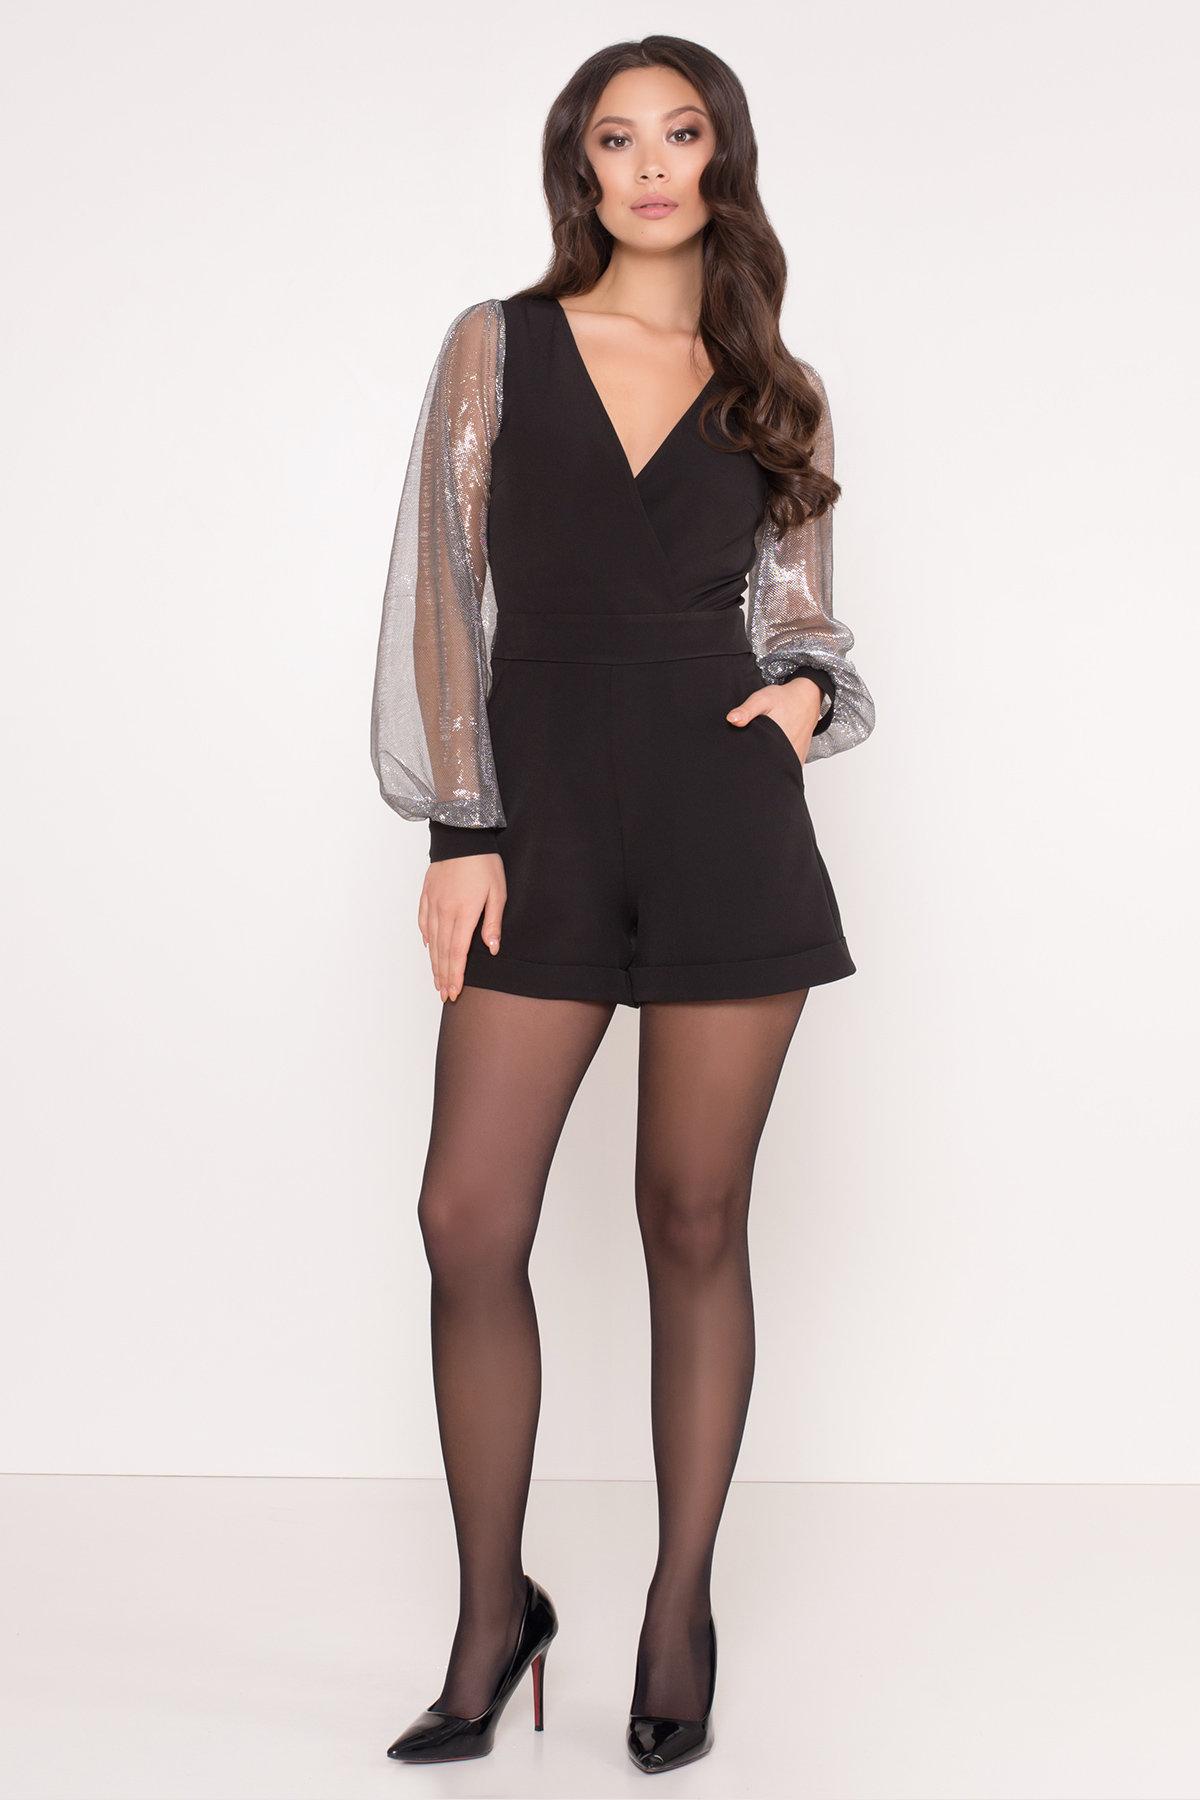 Комбинезон с шортами черного цвета Набель 8566 АРТ. 44881 Цвет: Черный - фото 1, интернет магазин tm-modus.ru